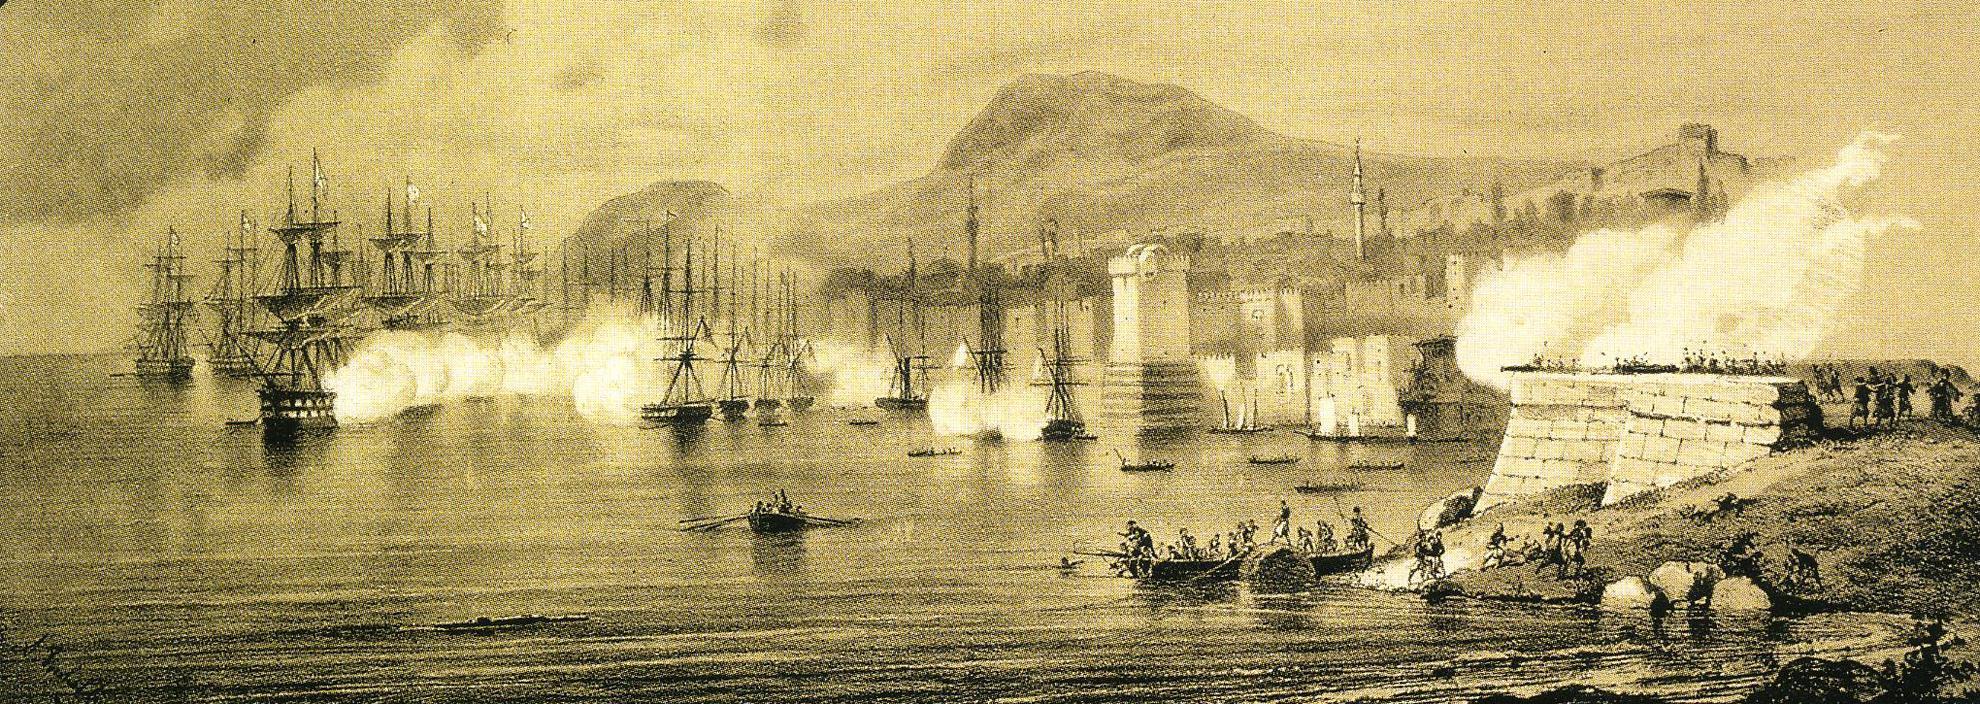 картинка синопское сражение